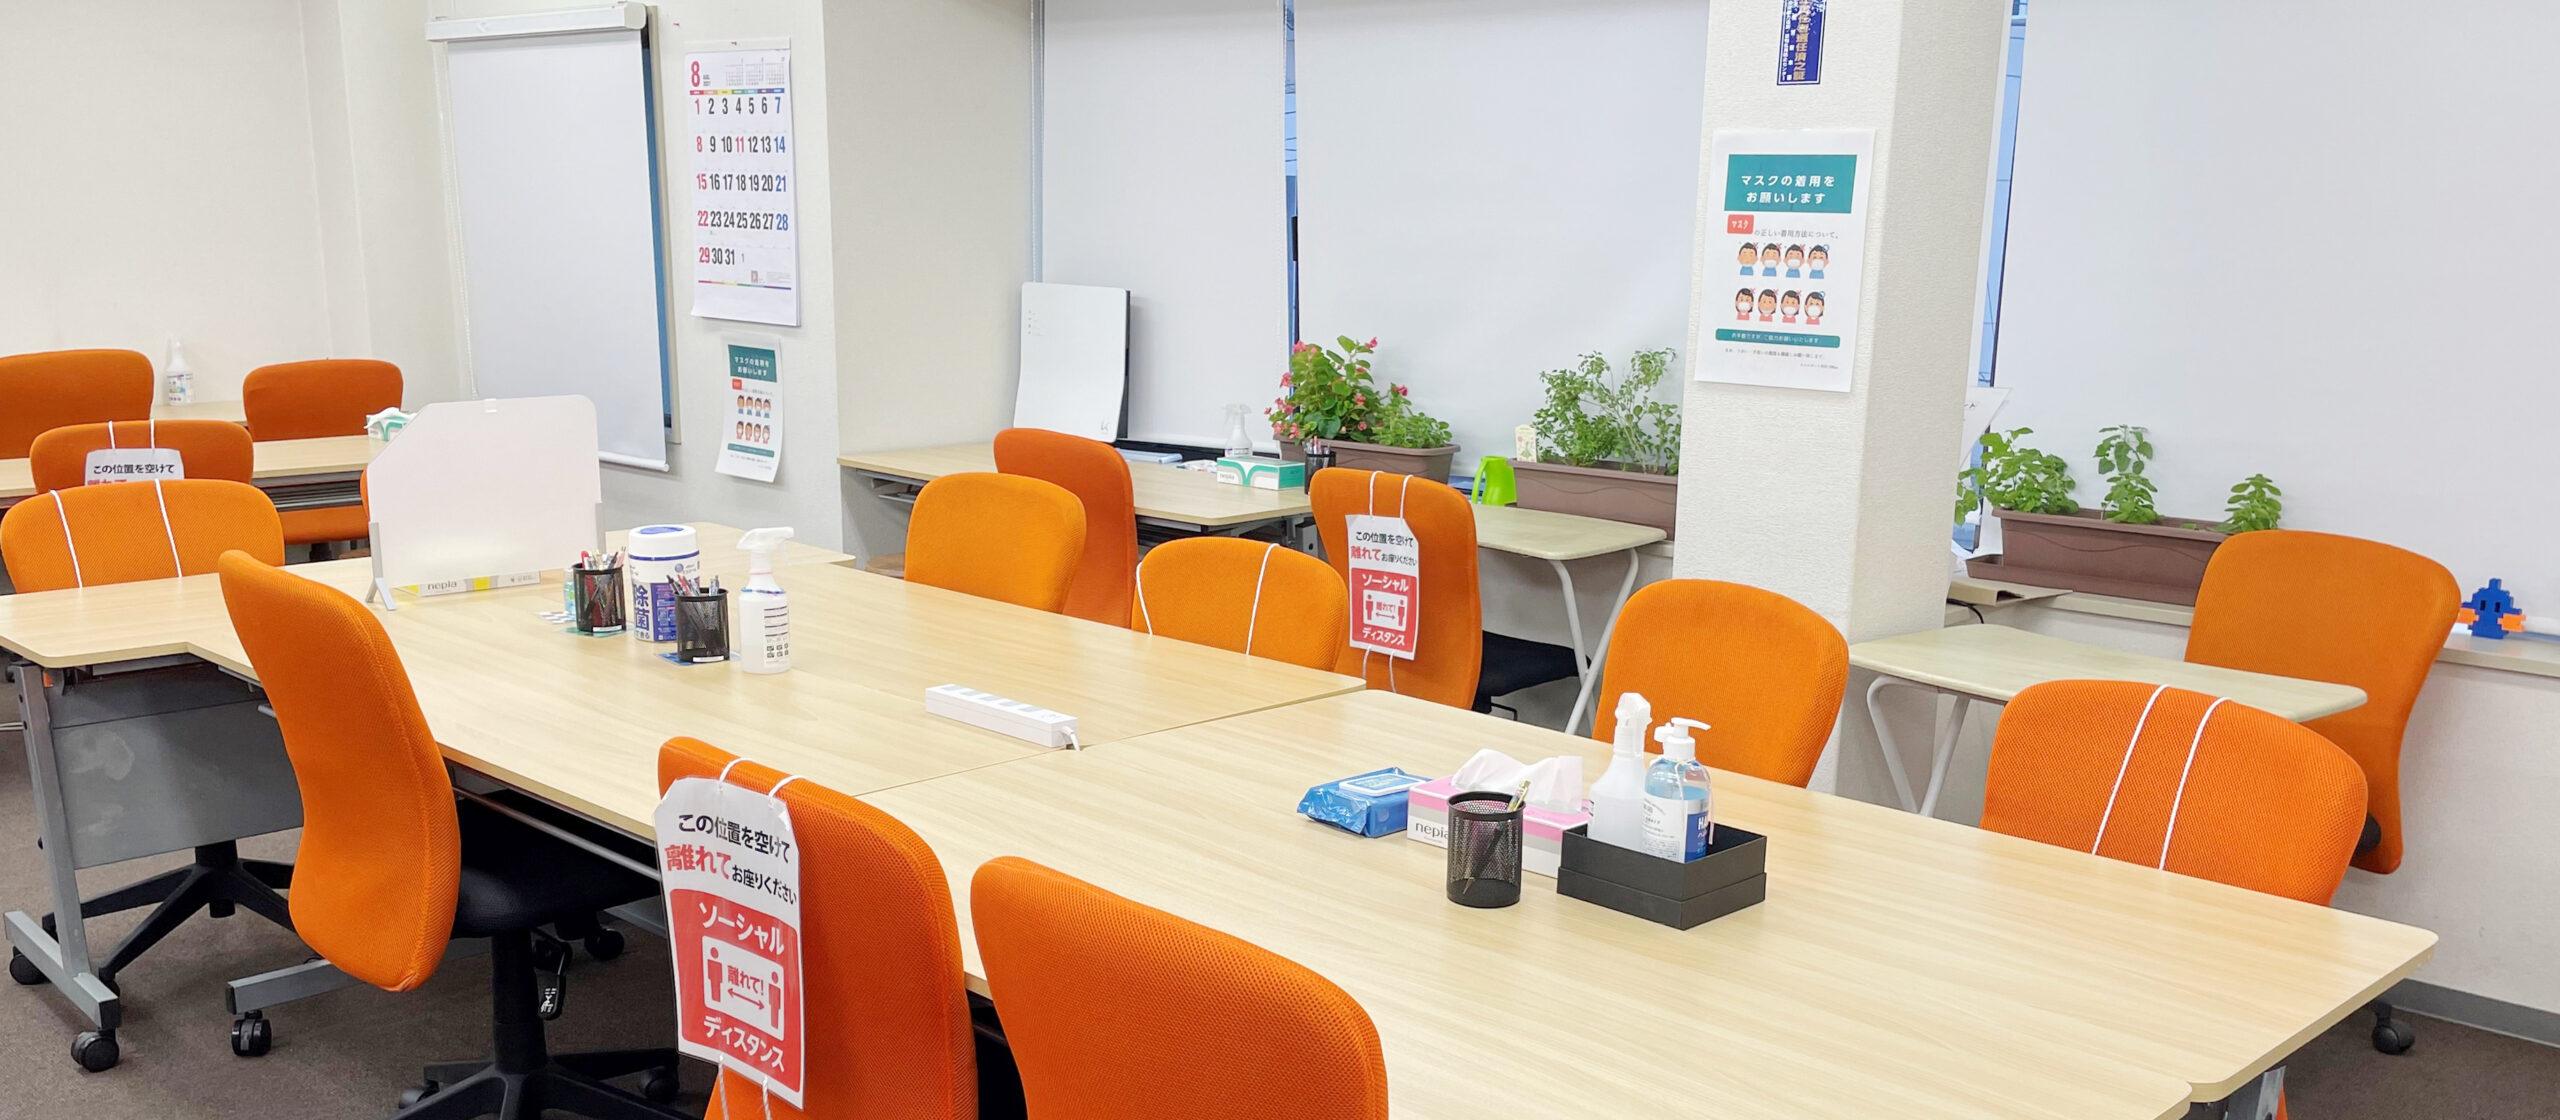 就労移行支援事業所所沢Office